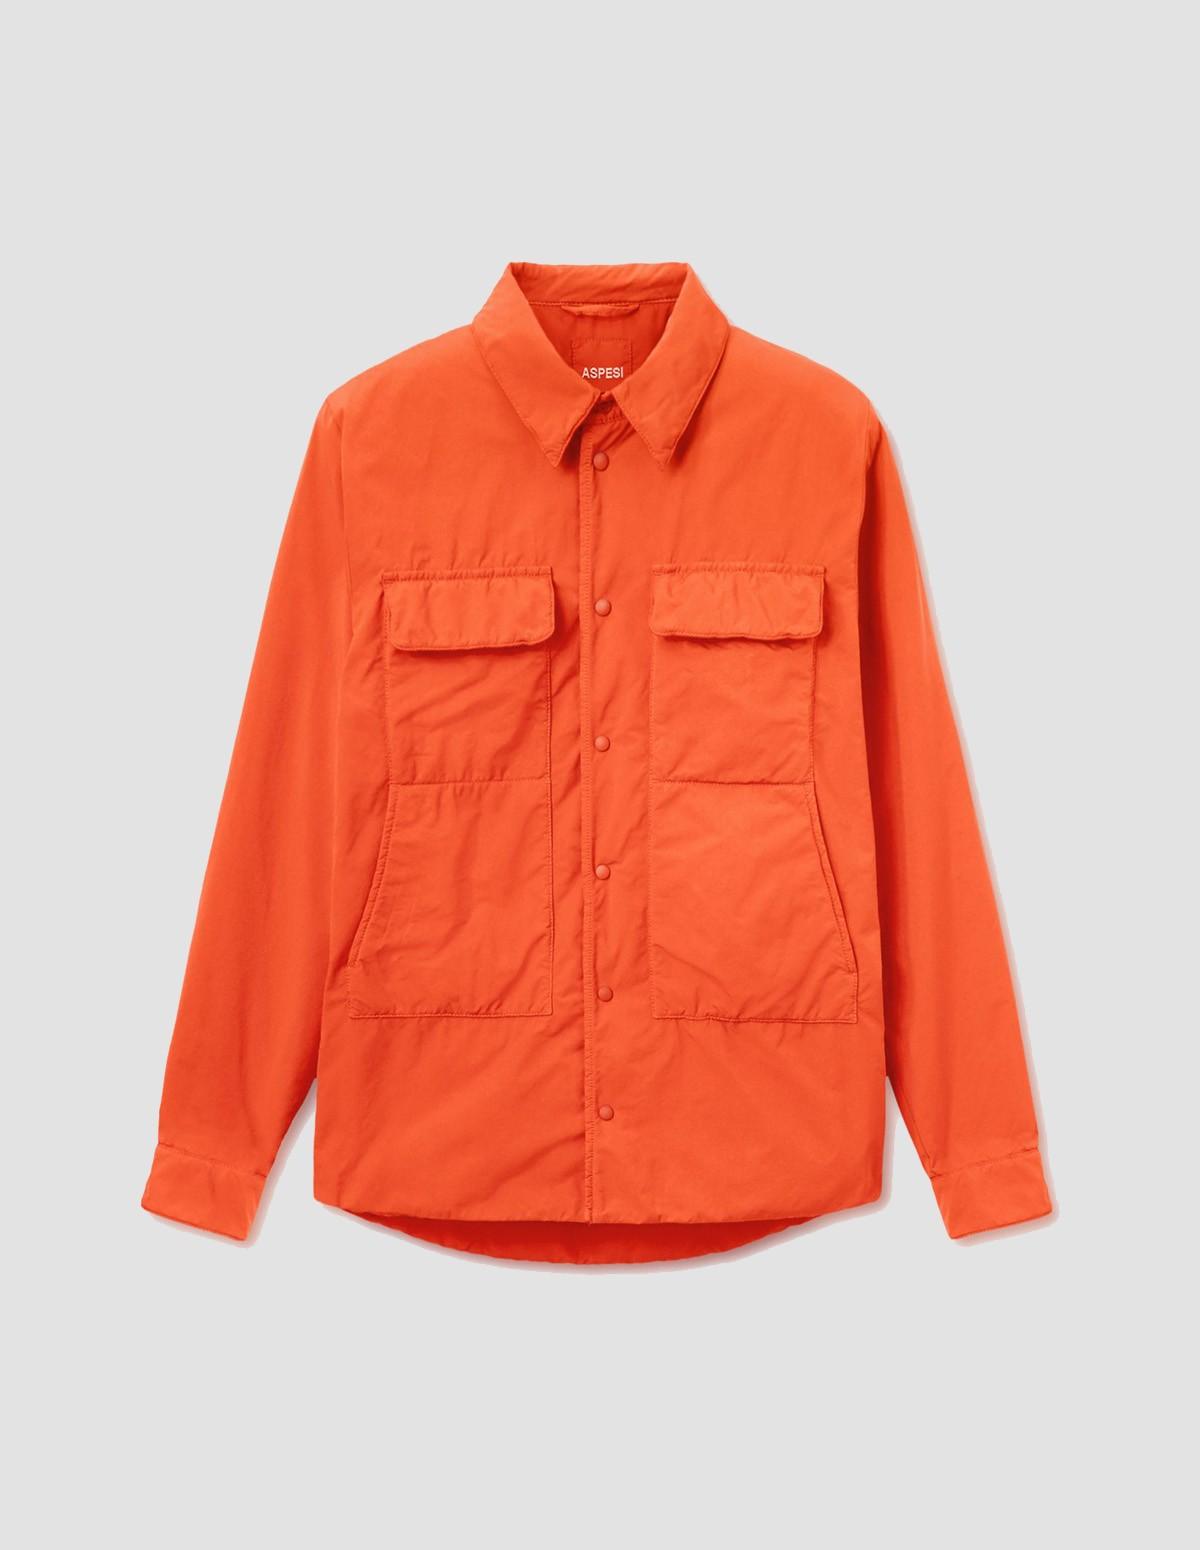 Aspesi Xenon Overshirt - ORANGE